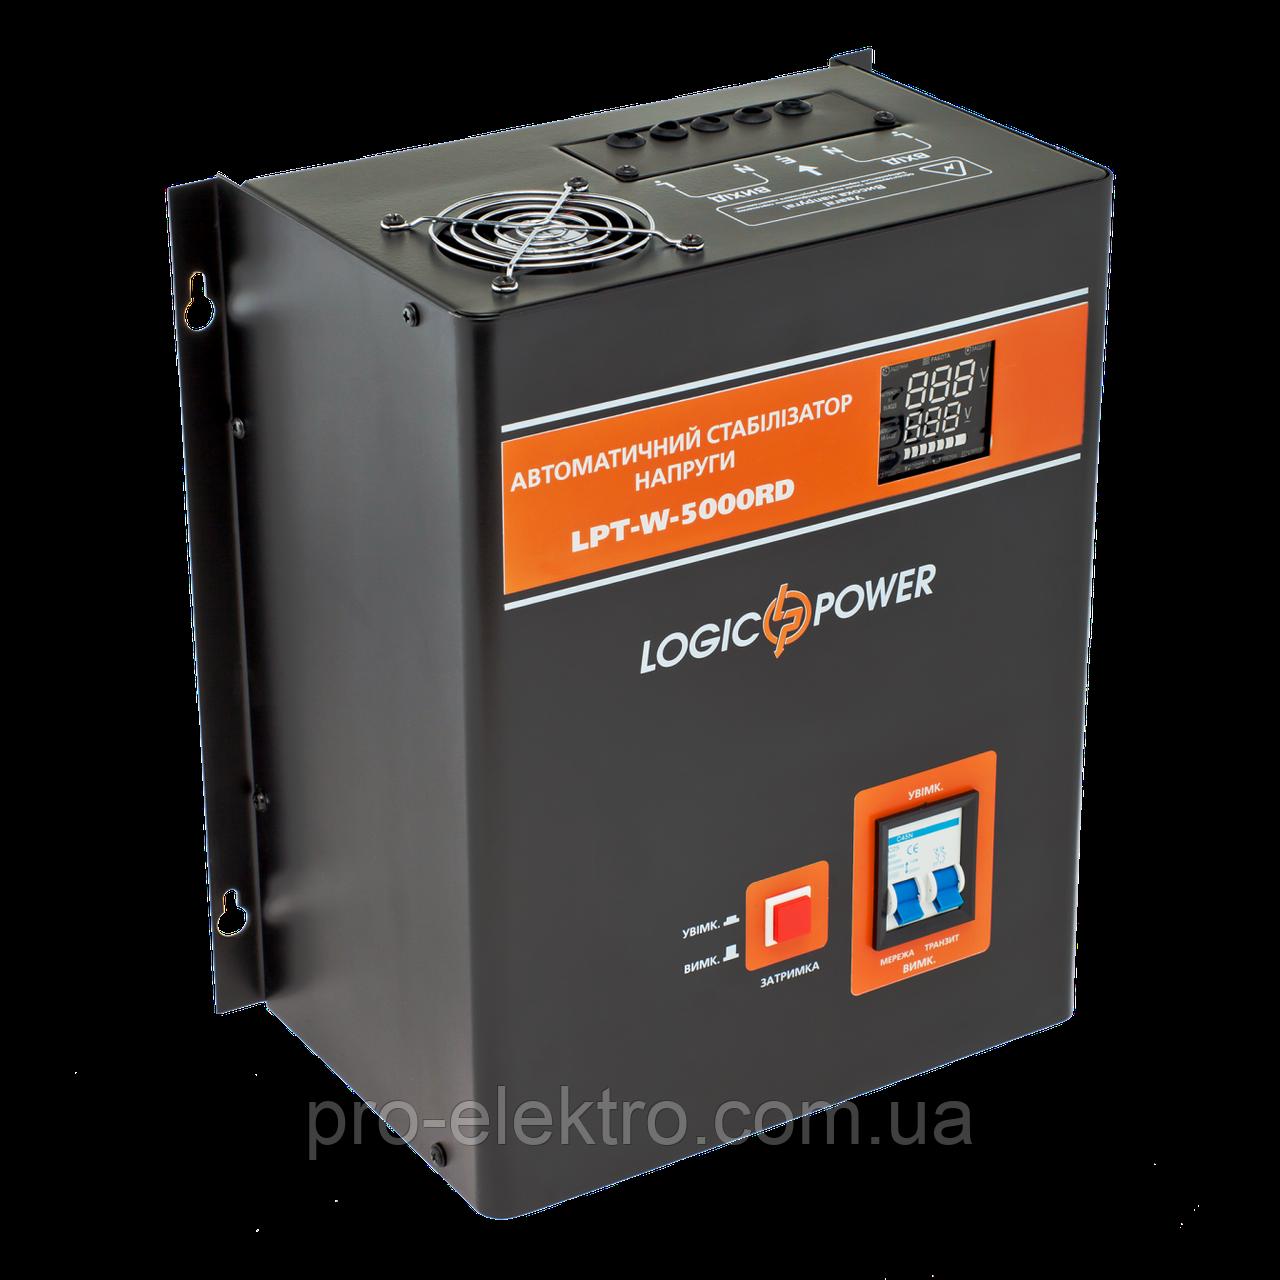 УЦ Стабилизатор напряжения LPT-W-5000RD BLACK (3500W)